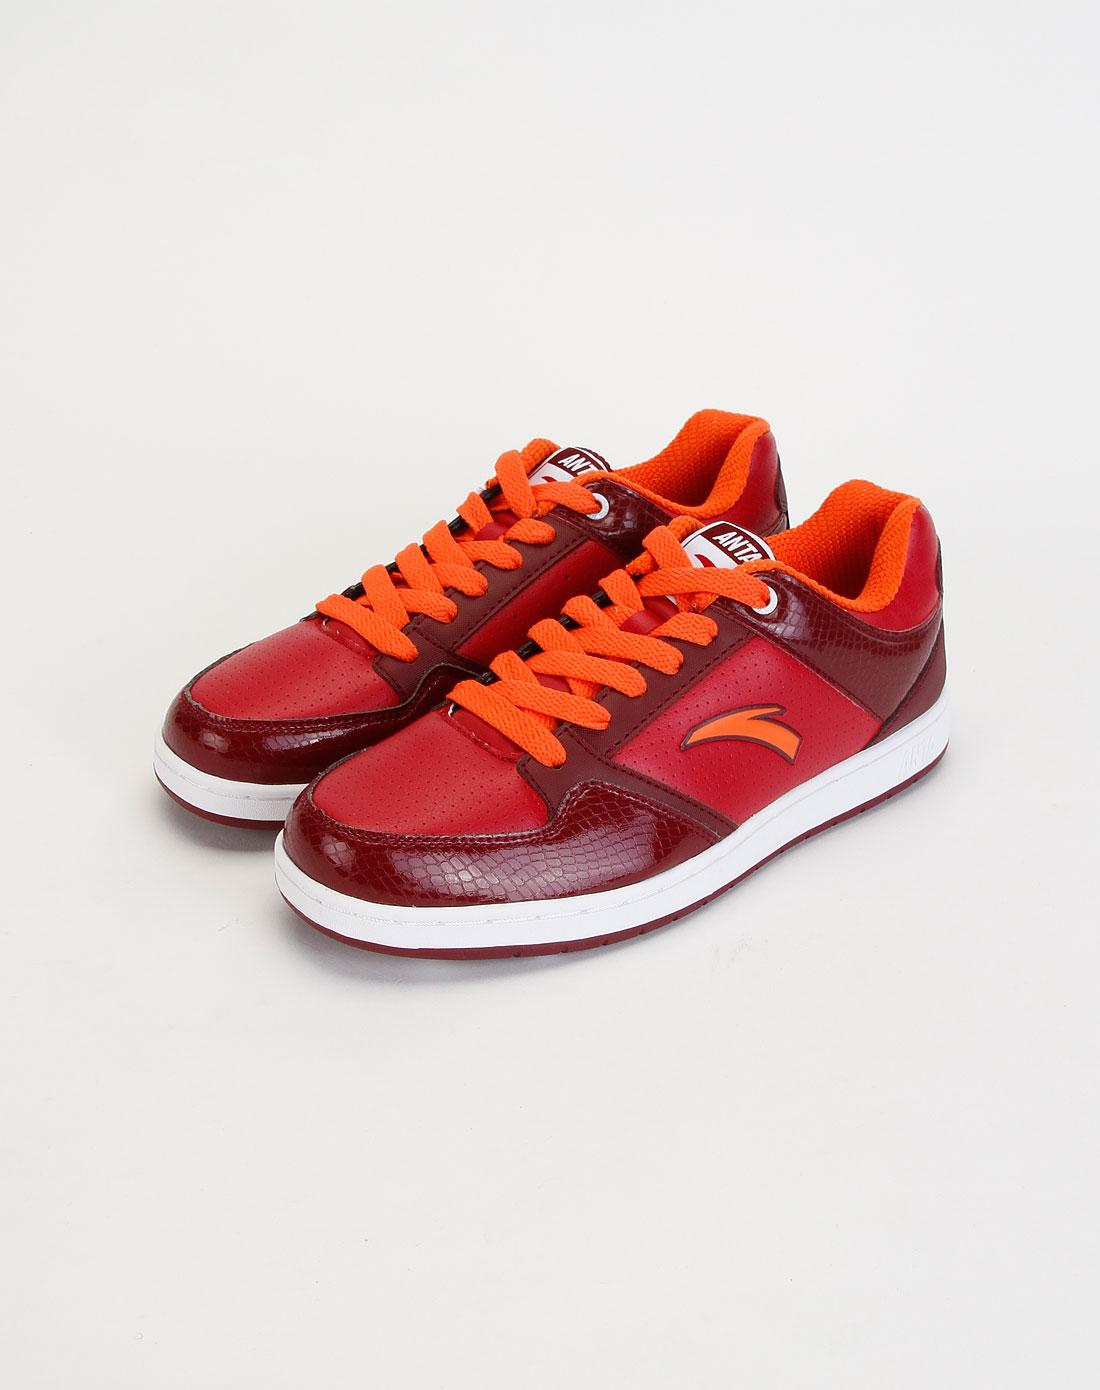 男款暗红色时尚运动板鞋